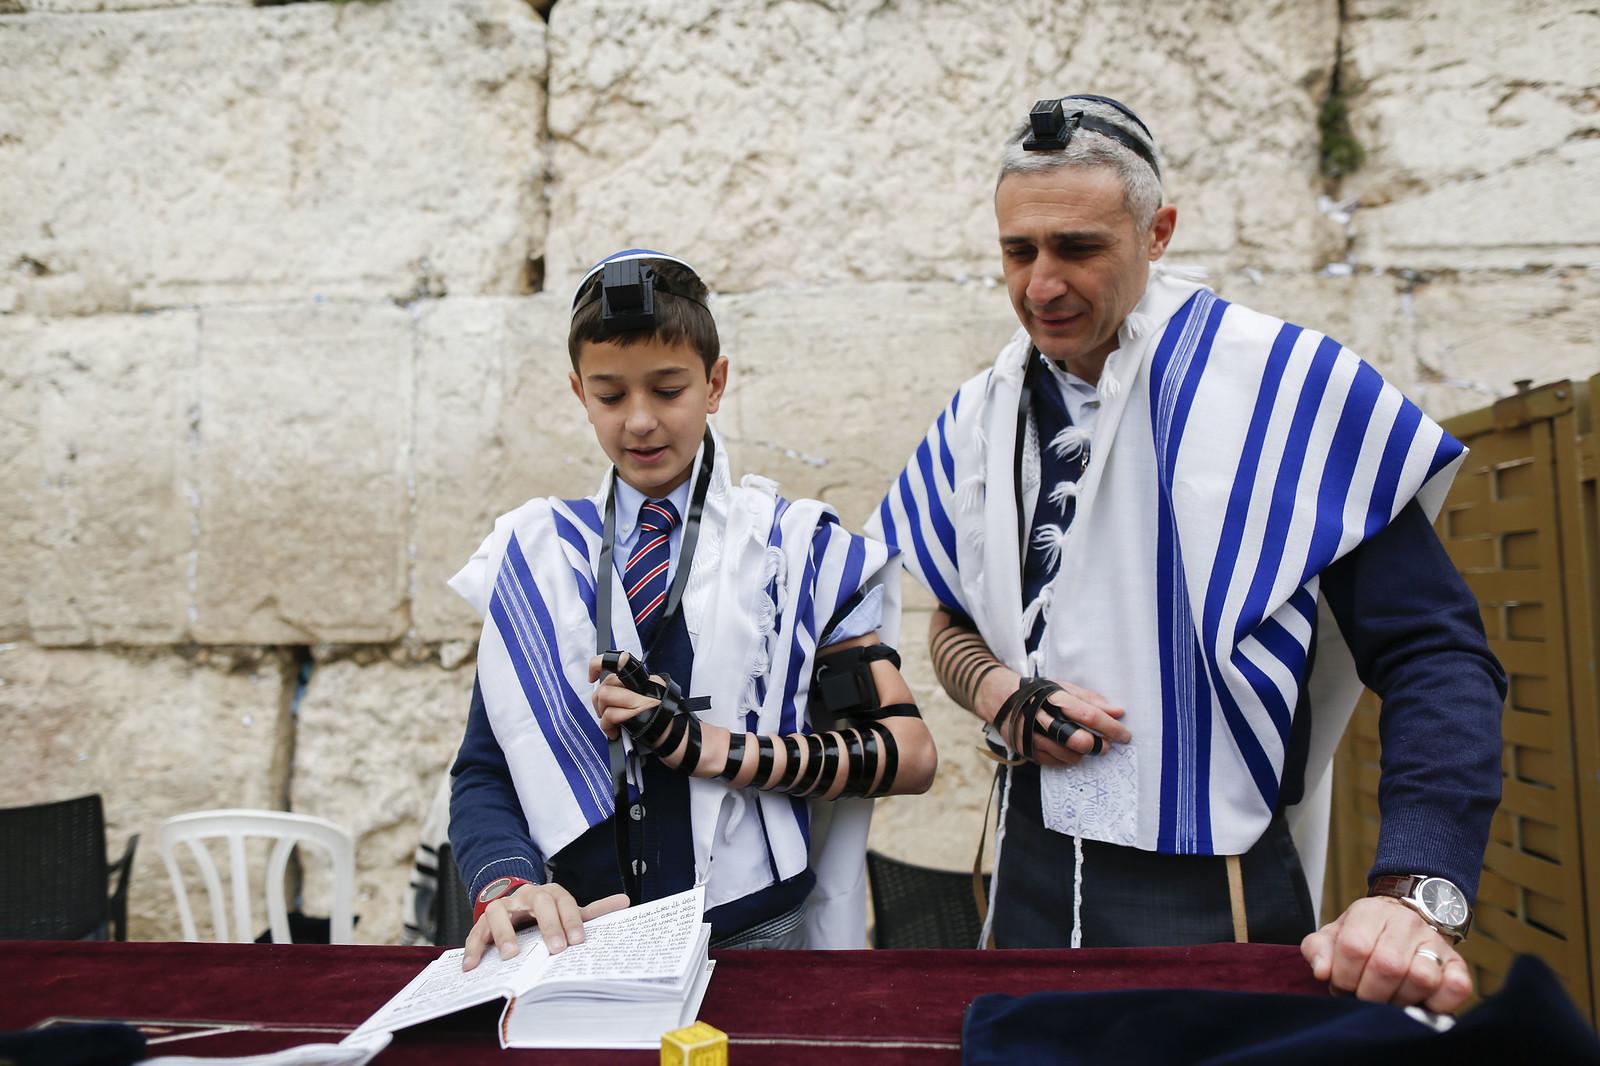 Bar Mitzvah 21_Jerusalem_Y9A9701_Yonatan Sindel_Flash 90_IMOT